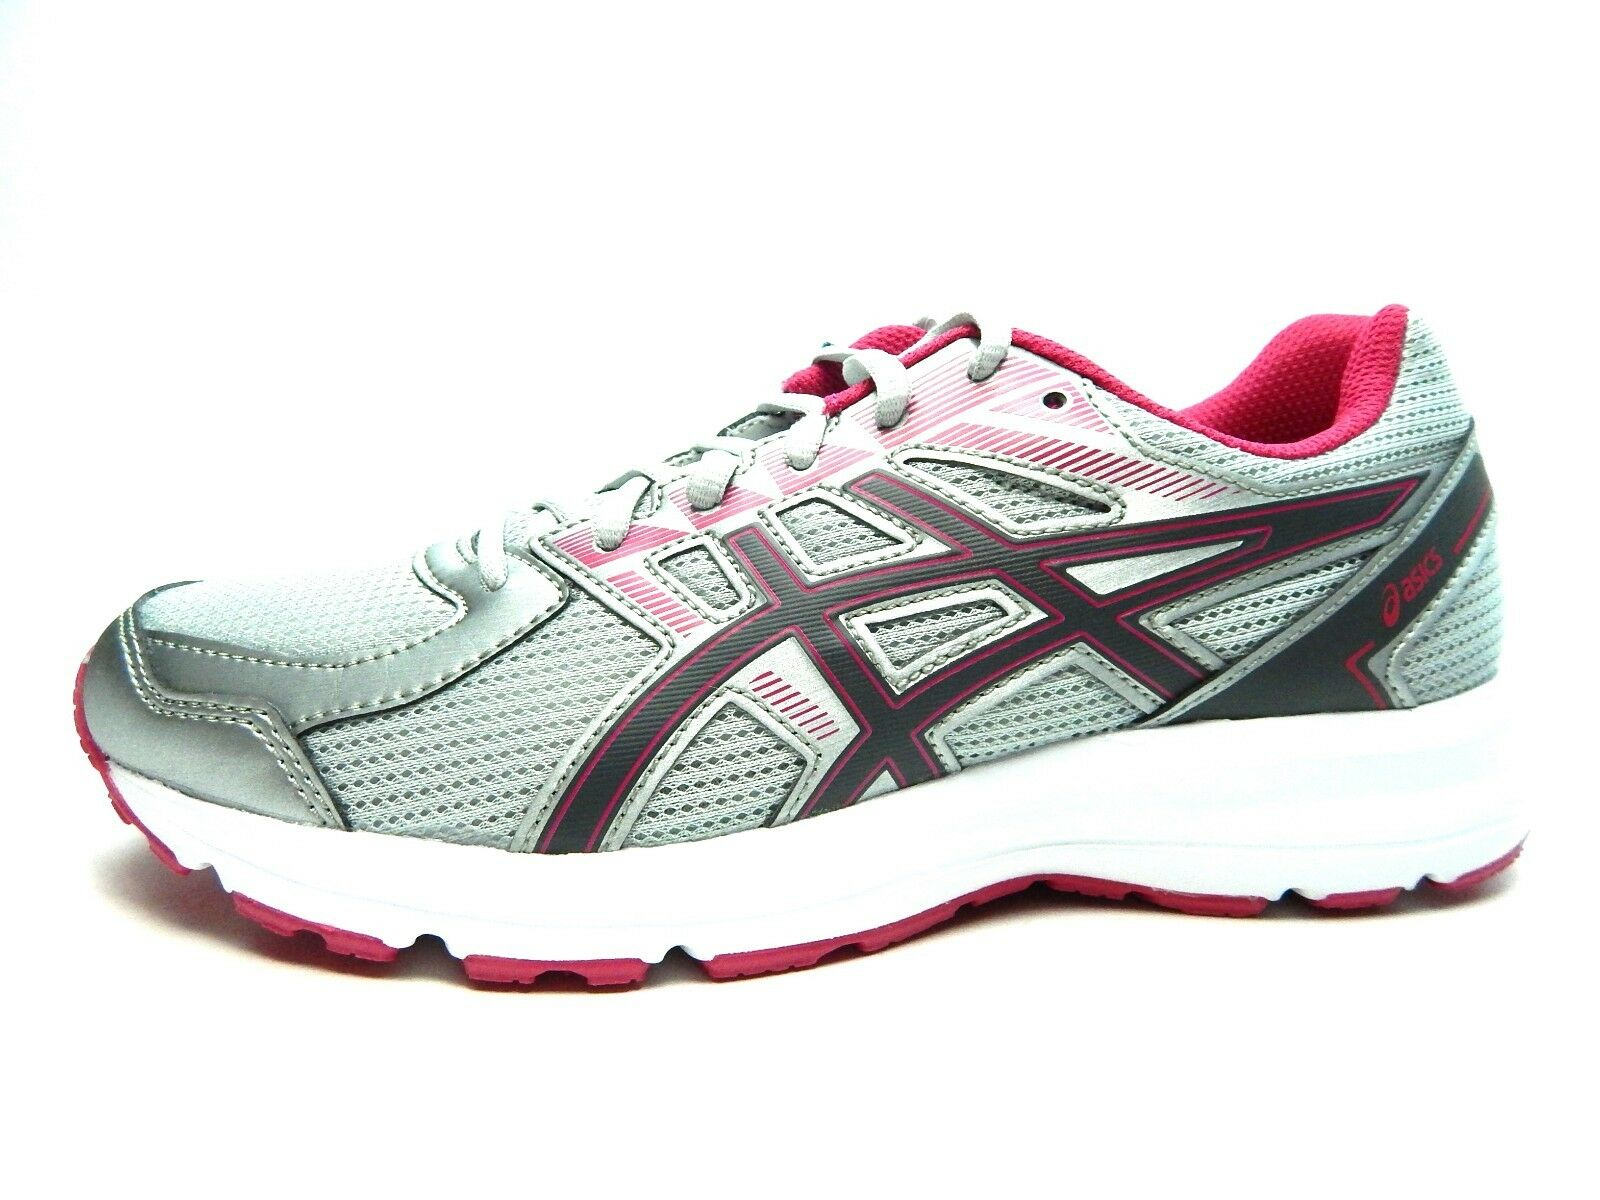 ASICS sacudida reducción de precios zapatos de mujer Rosa brillante t7k9n Glaciar Gris carbon brillante Rosa y hermosa moda barato 9697Talla 6 12 4c5d39